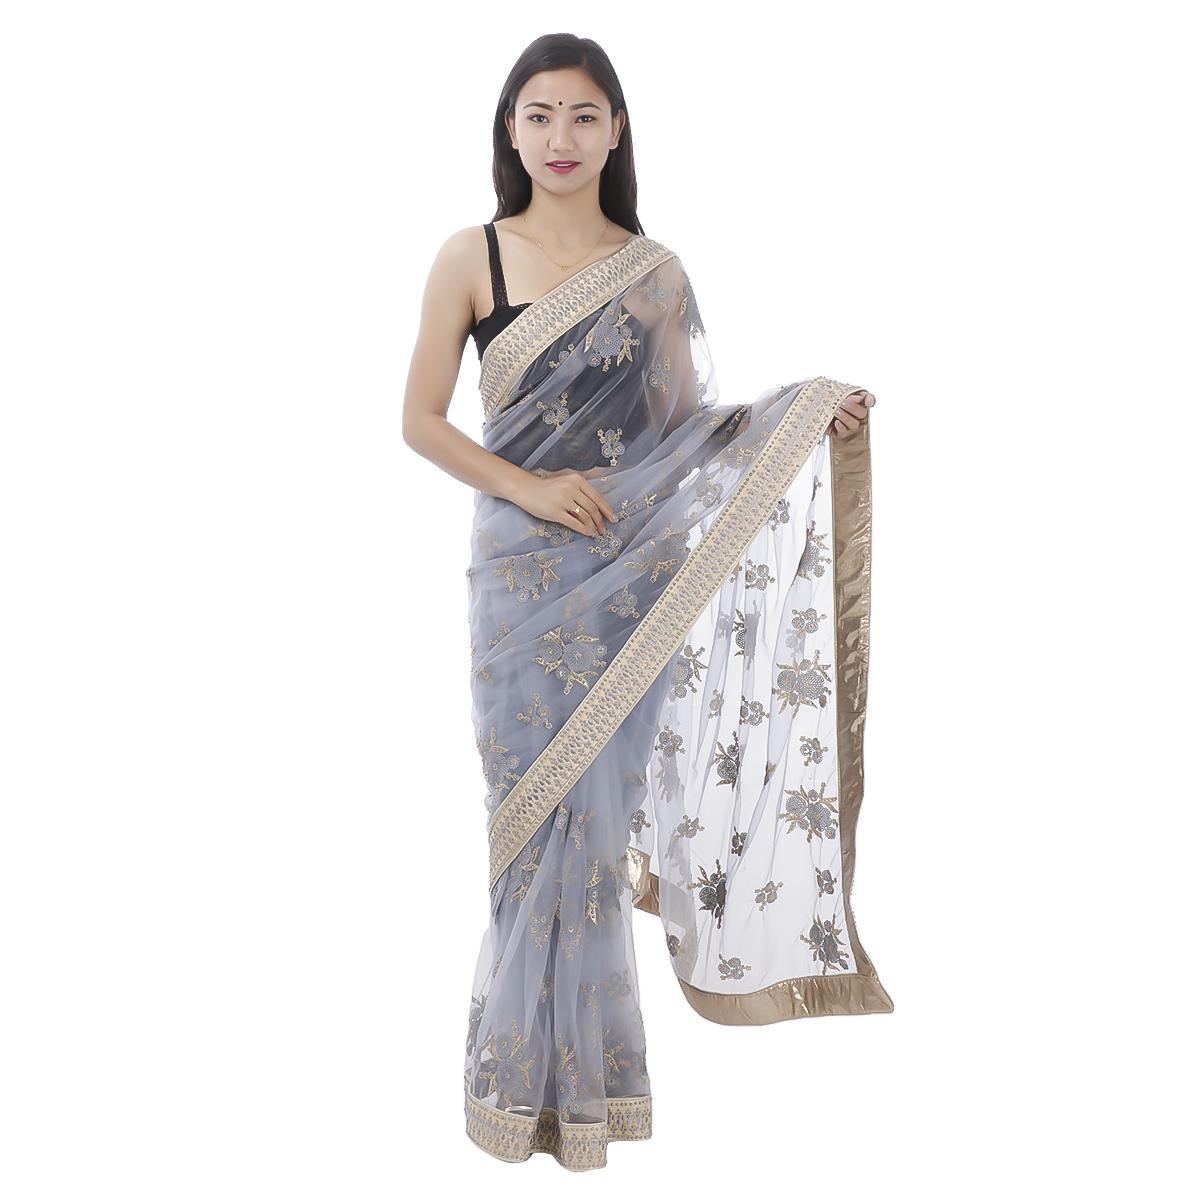 483647638638ab Designer Saree Price in Nepal - Nepali Saree Collection 2019 - Daraz ...